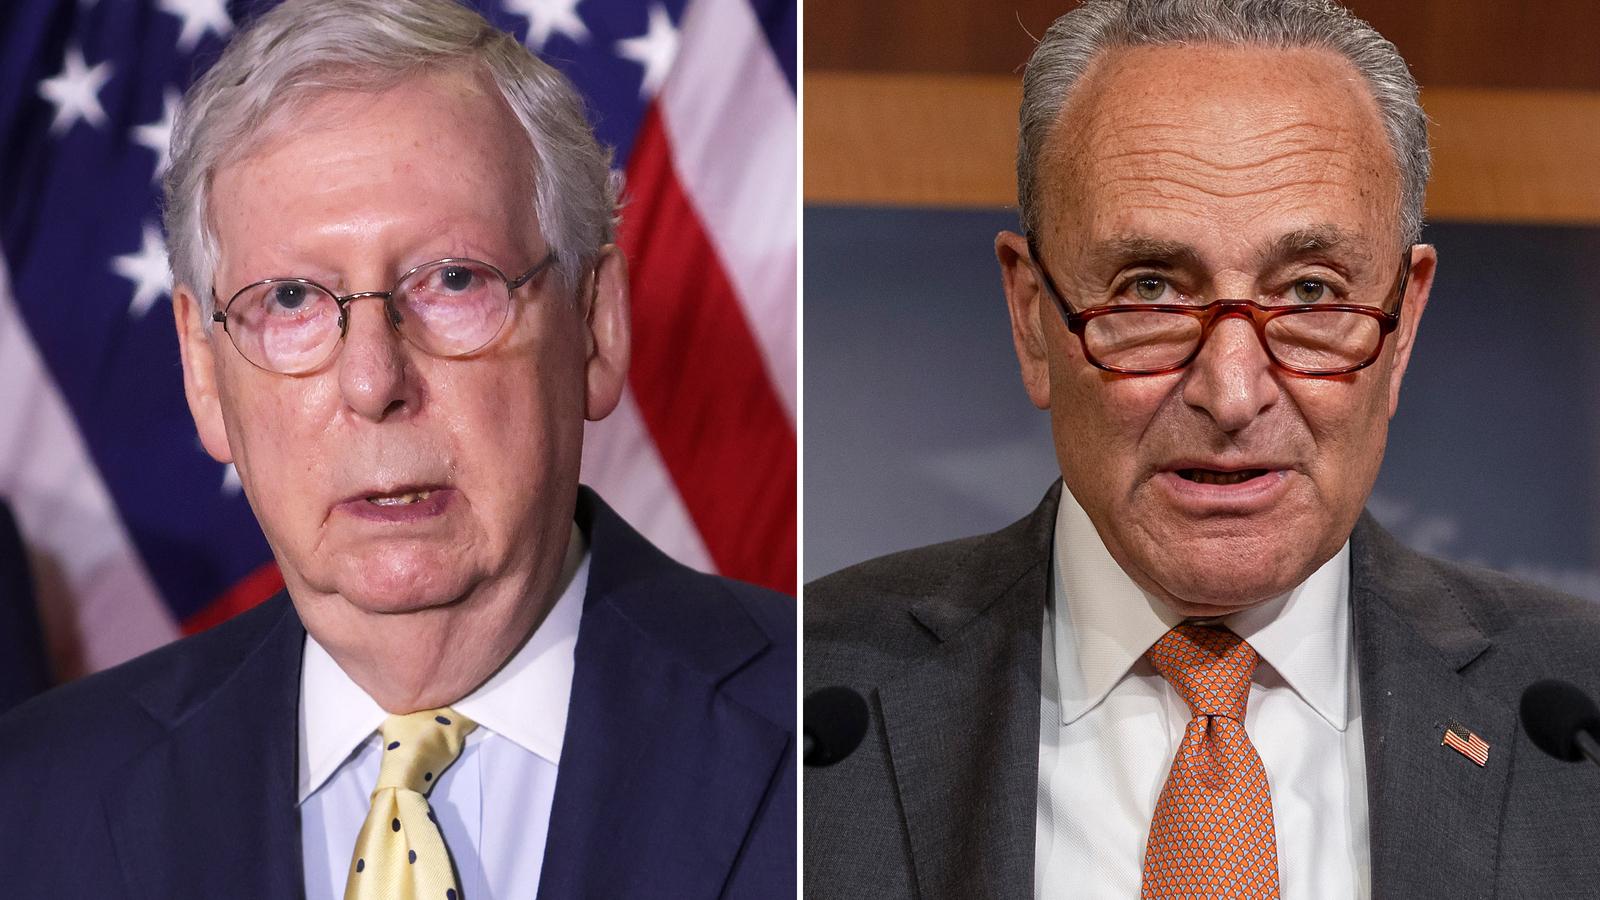 Senators to be sworn in for Trump impeachment trial